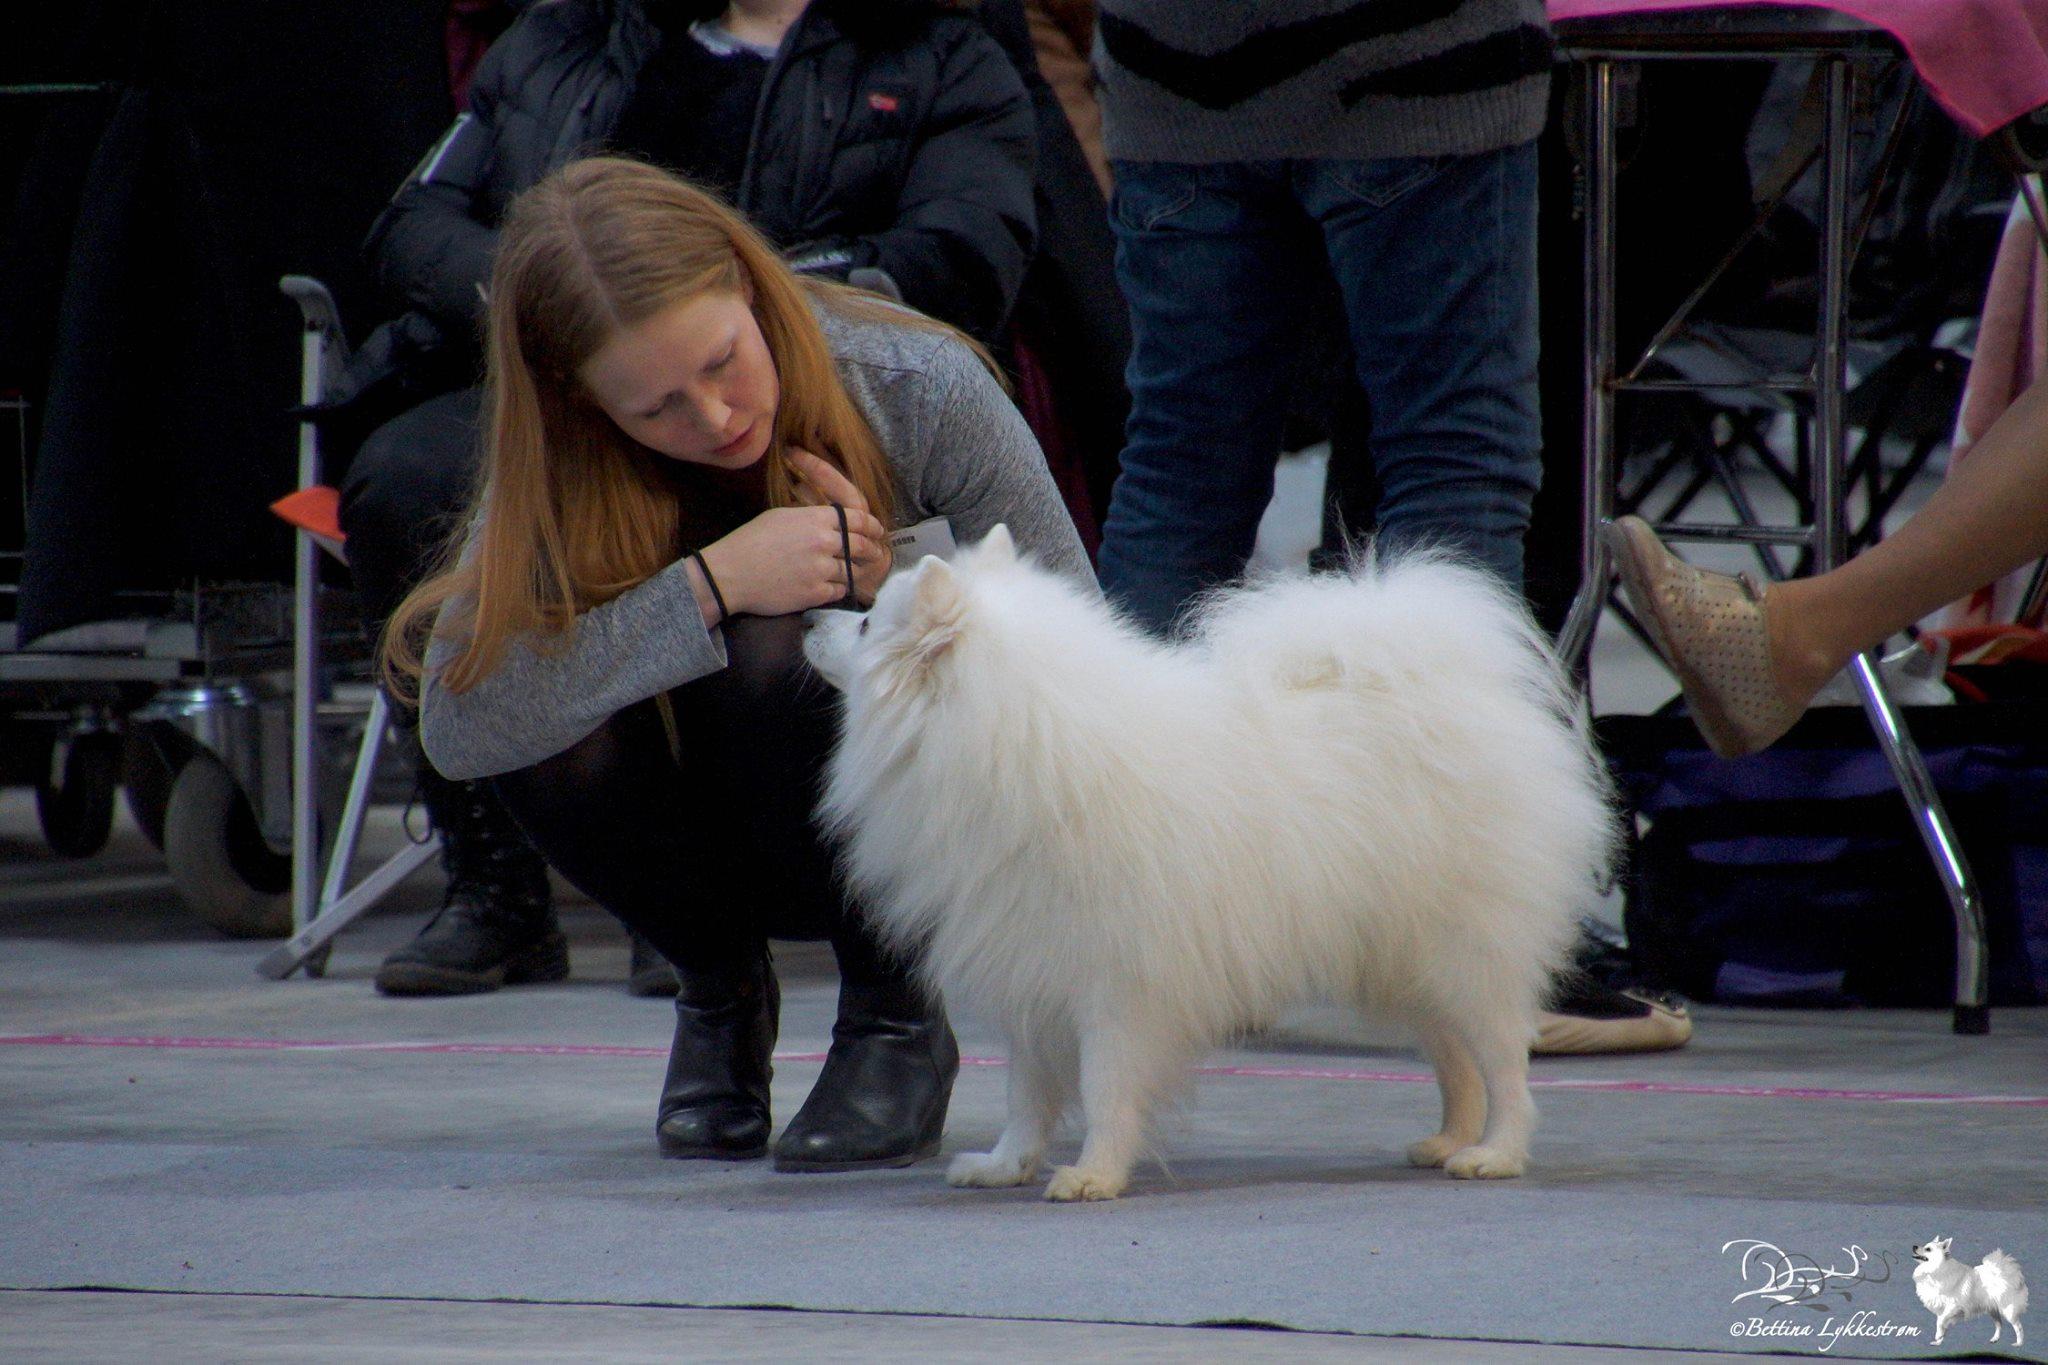 Vores hunde er faktisk meget venlige og afbalancerede hunde, og jeg kan slet ikke kende dem, når de udviser så stor aggression overfor hinanden. Her: Kioko på udstilling, hvor jeg søger at få kontakt